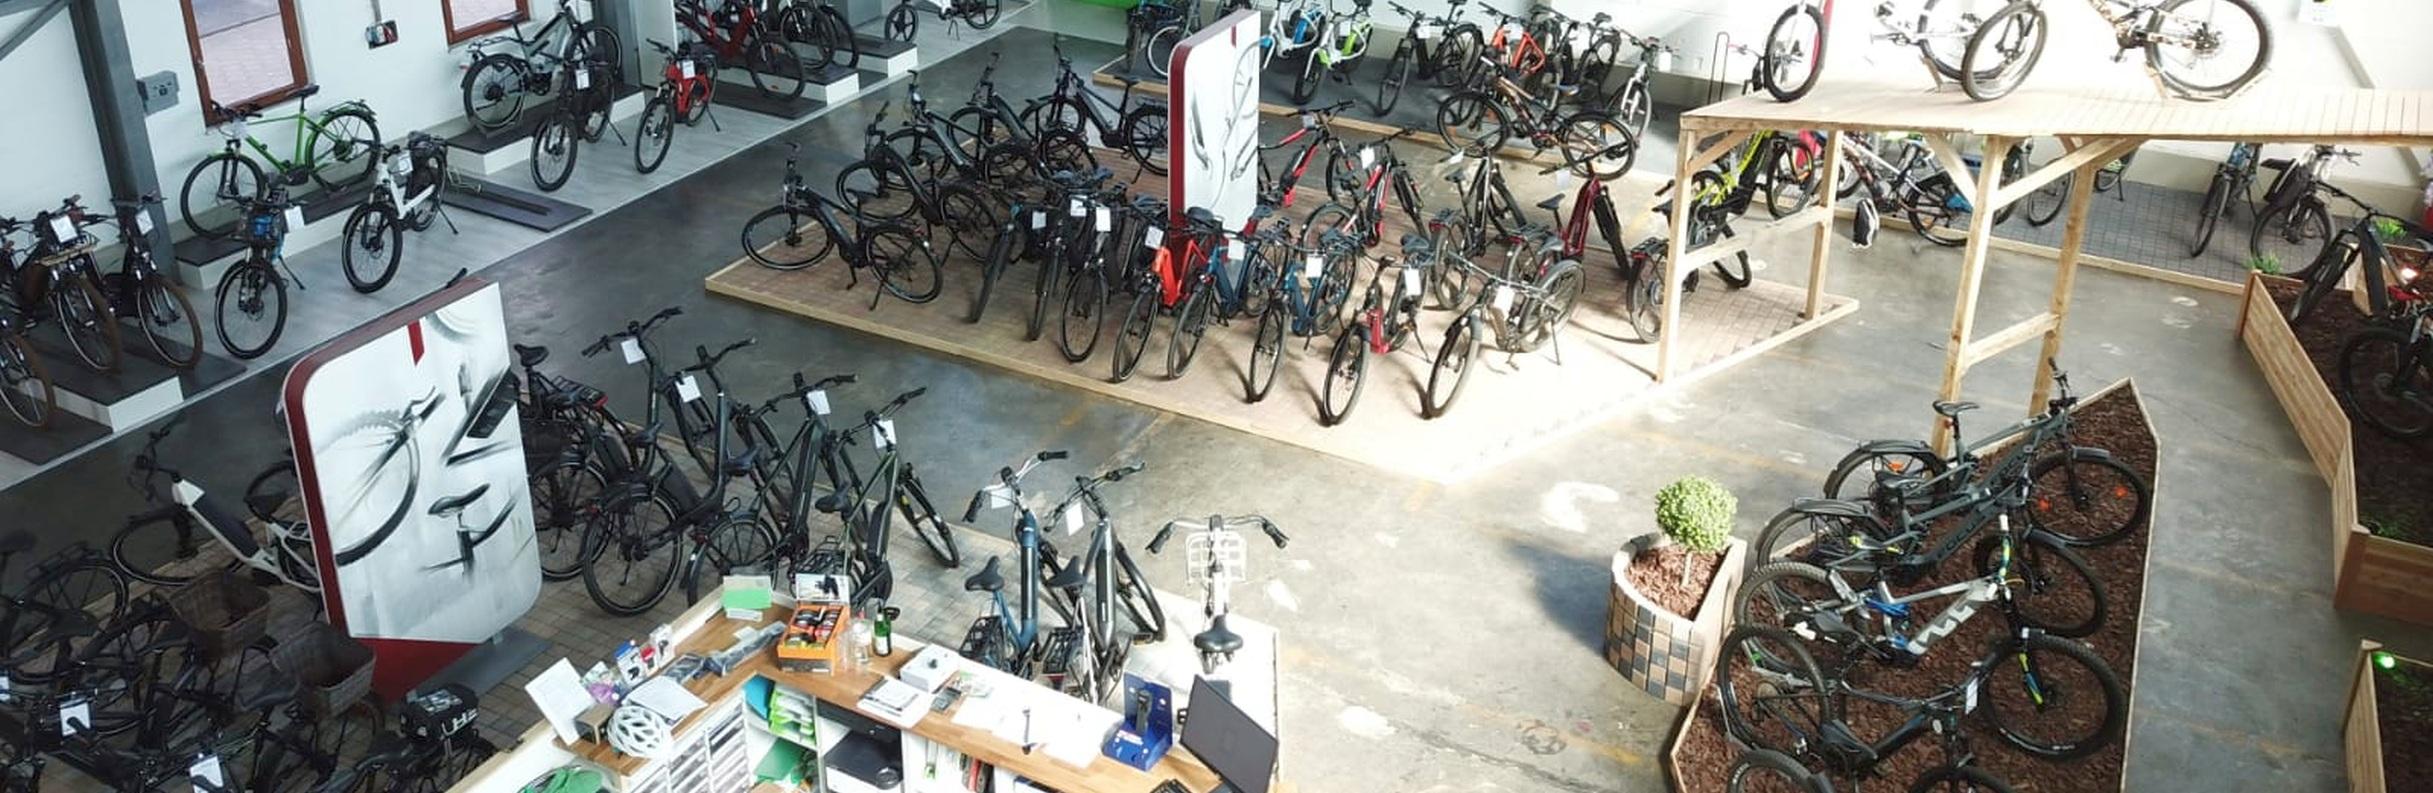 e-motion e-Bike Welt Hamburg